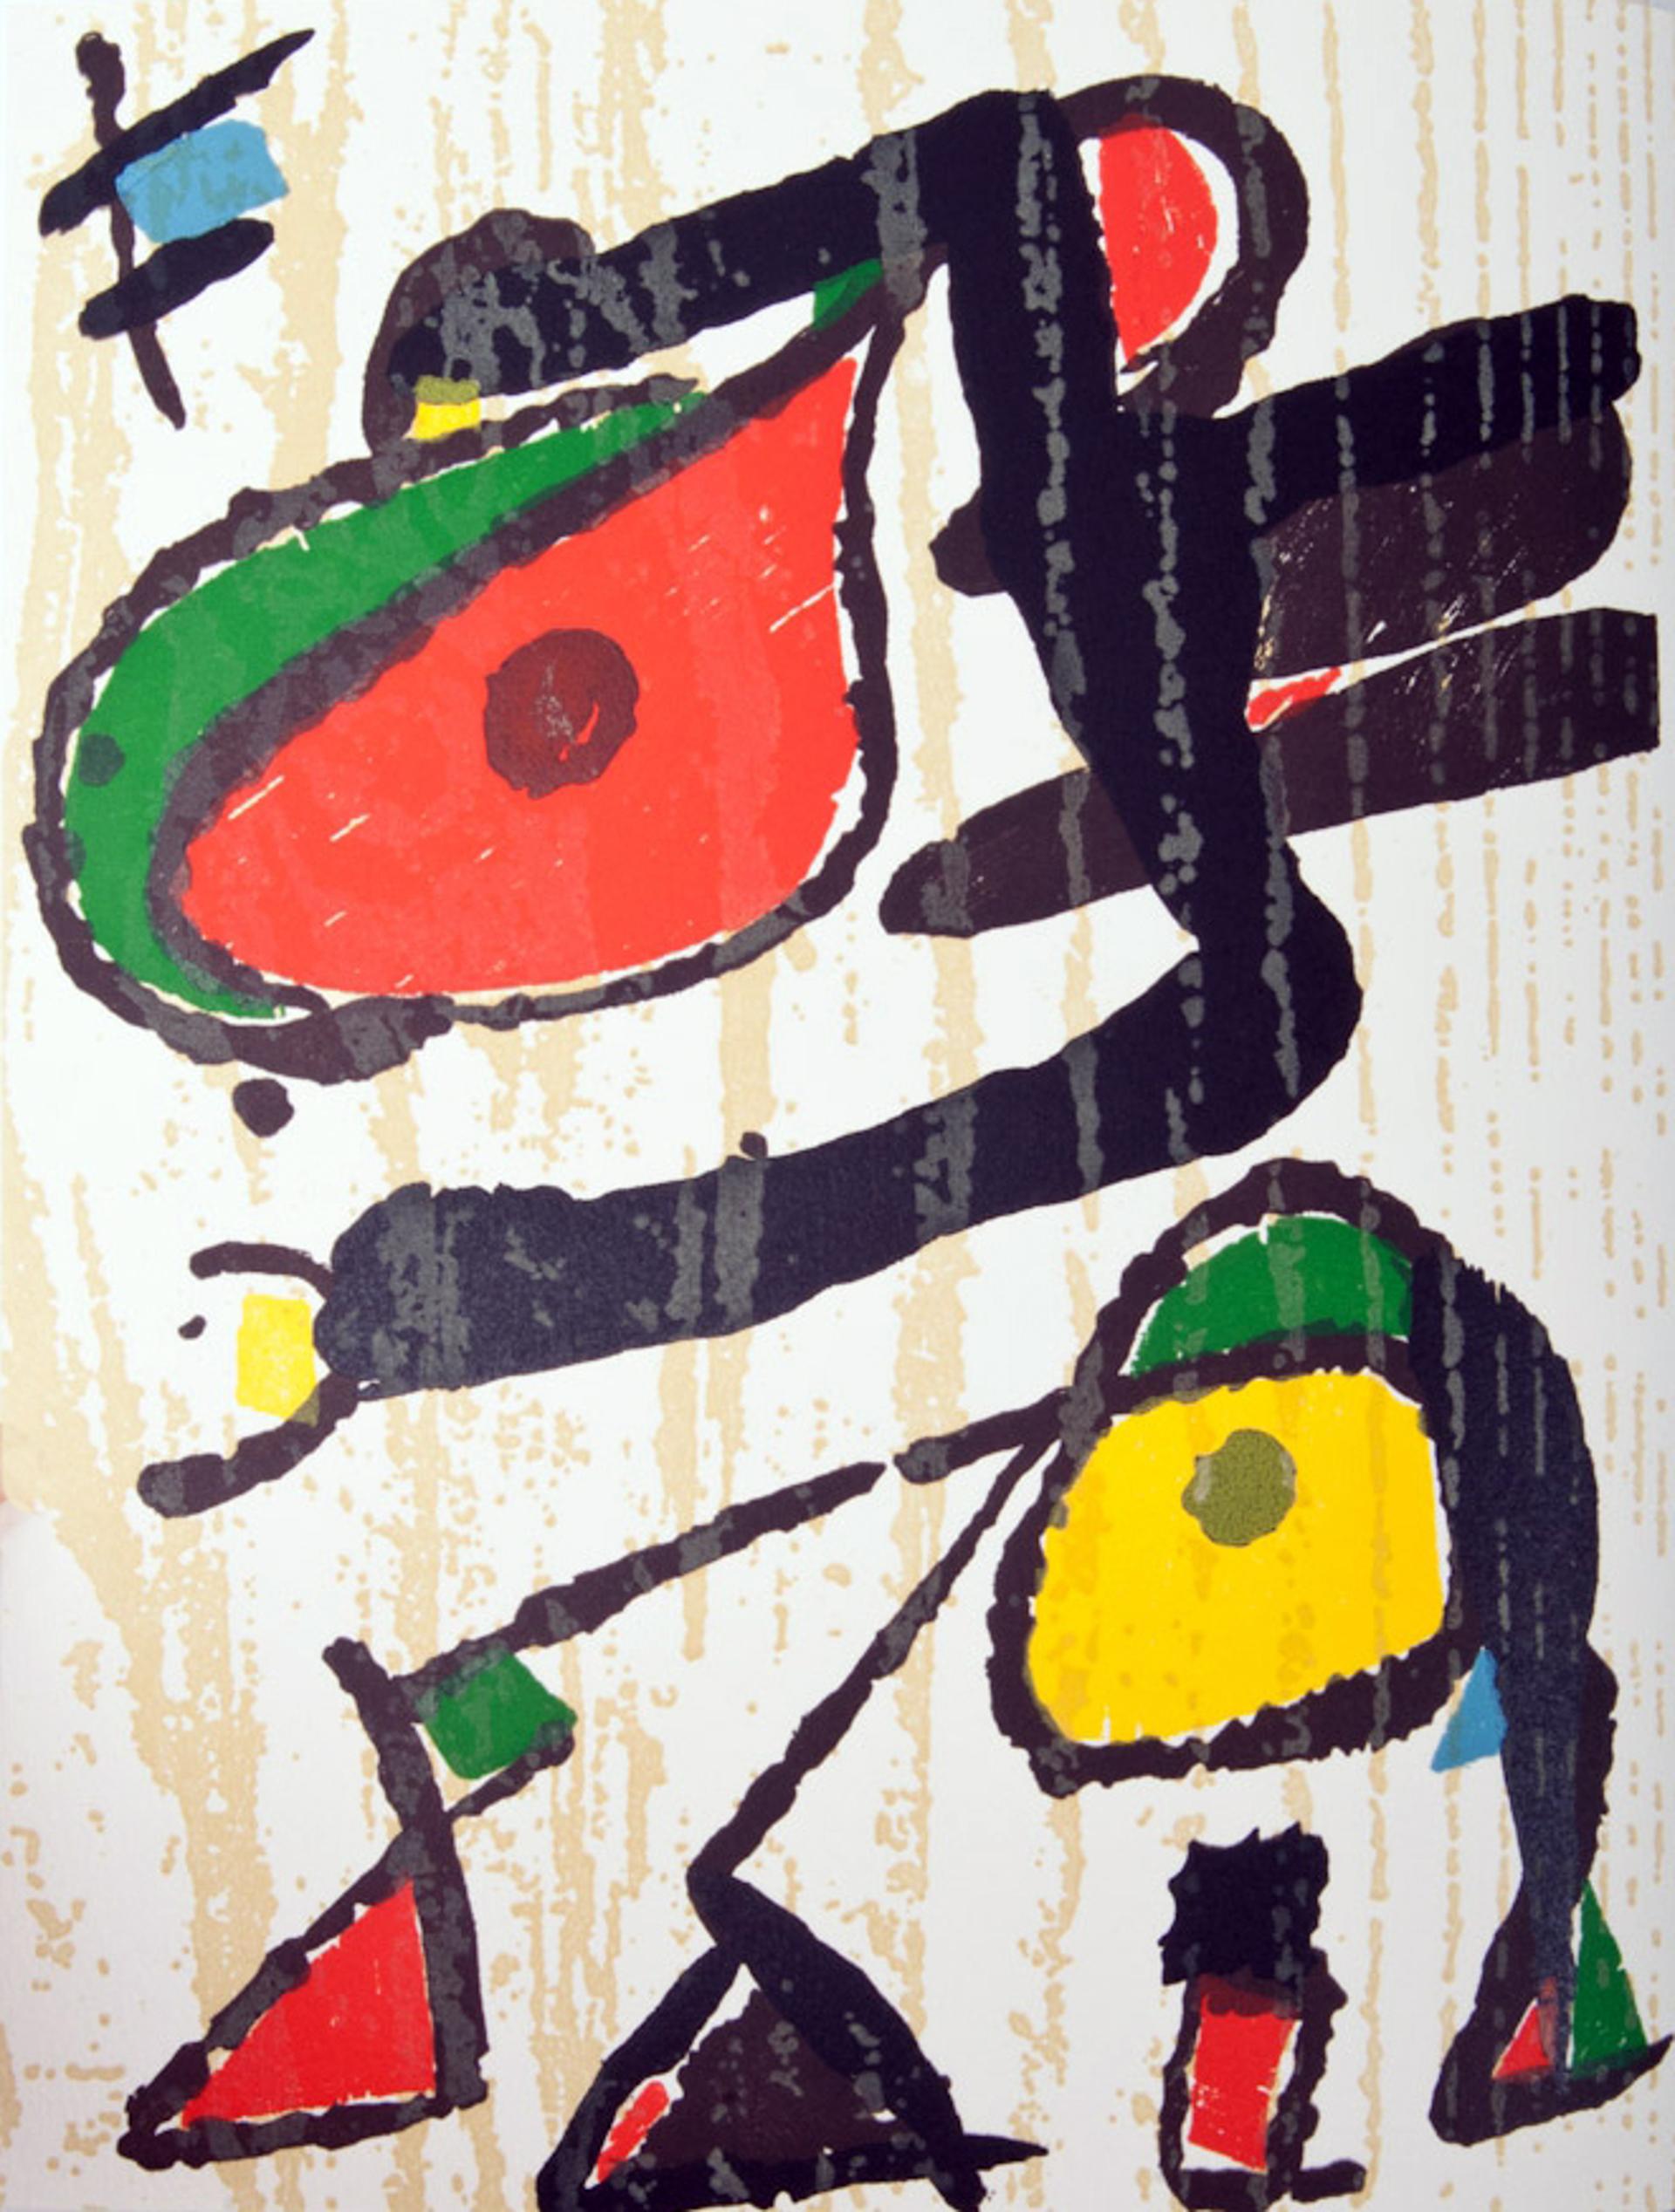 Miro Engravings Vol. III Plate II by Joan Miro (1893 - 1983)